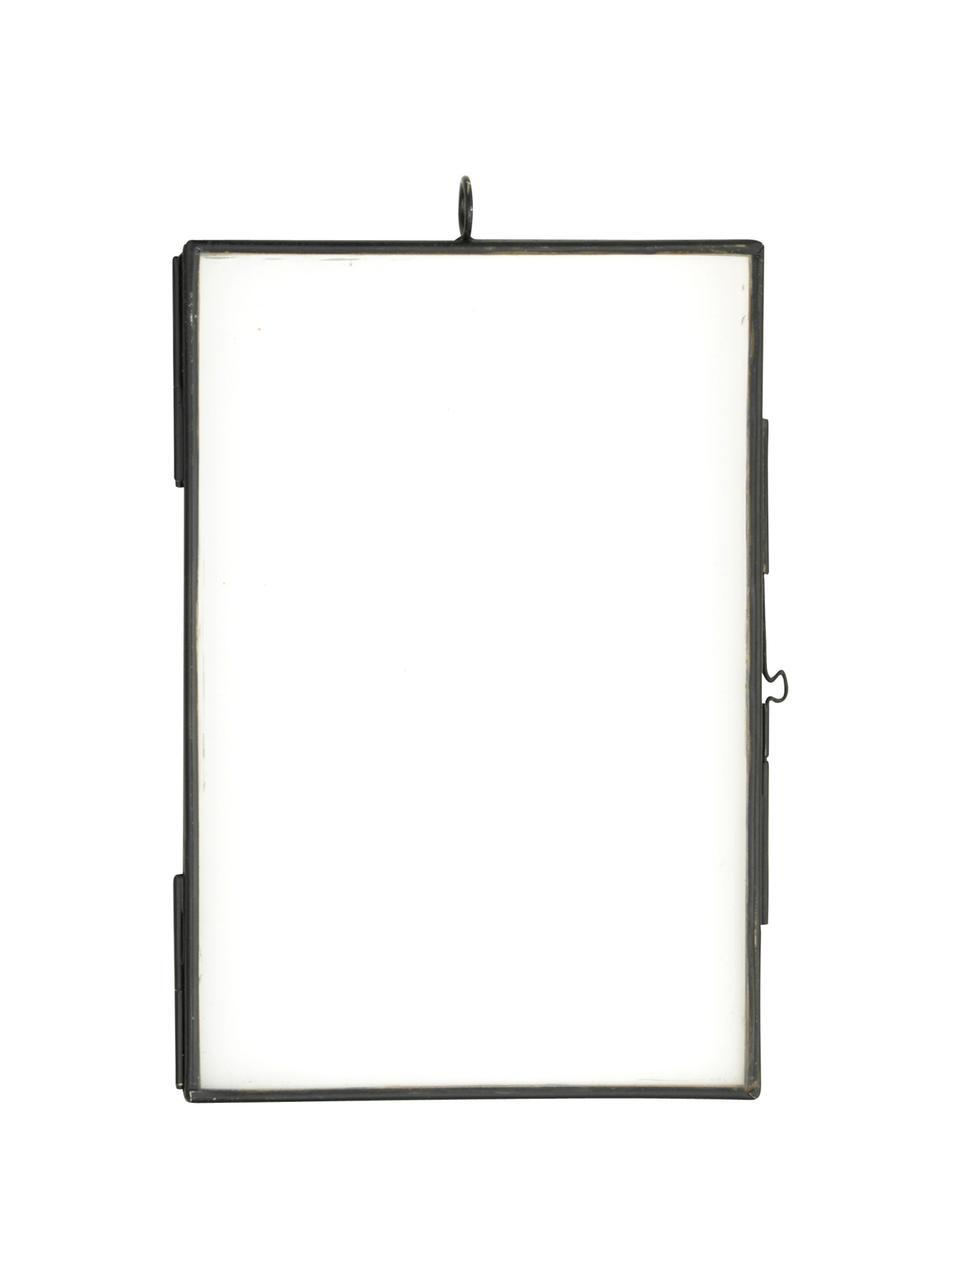 Ramka na zdjęcia Key, Szkło, metal powlekany, Czarny, 10 x 15 cm